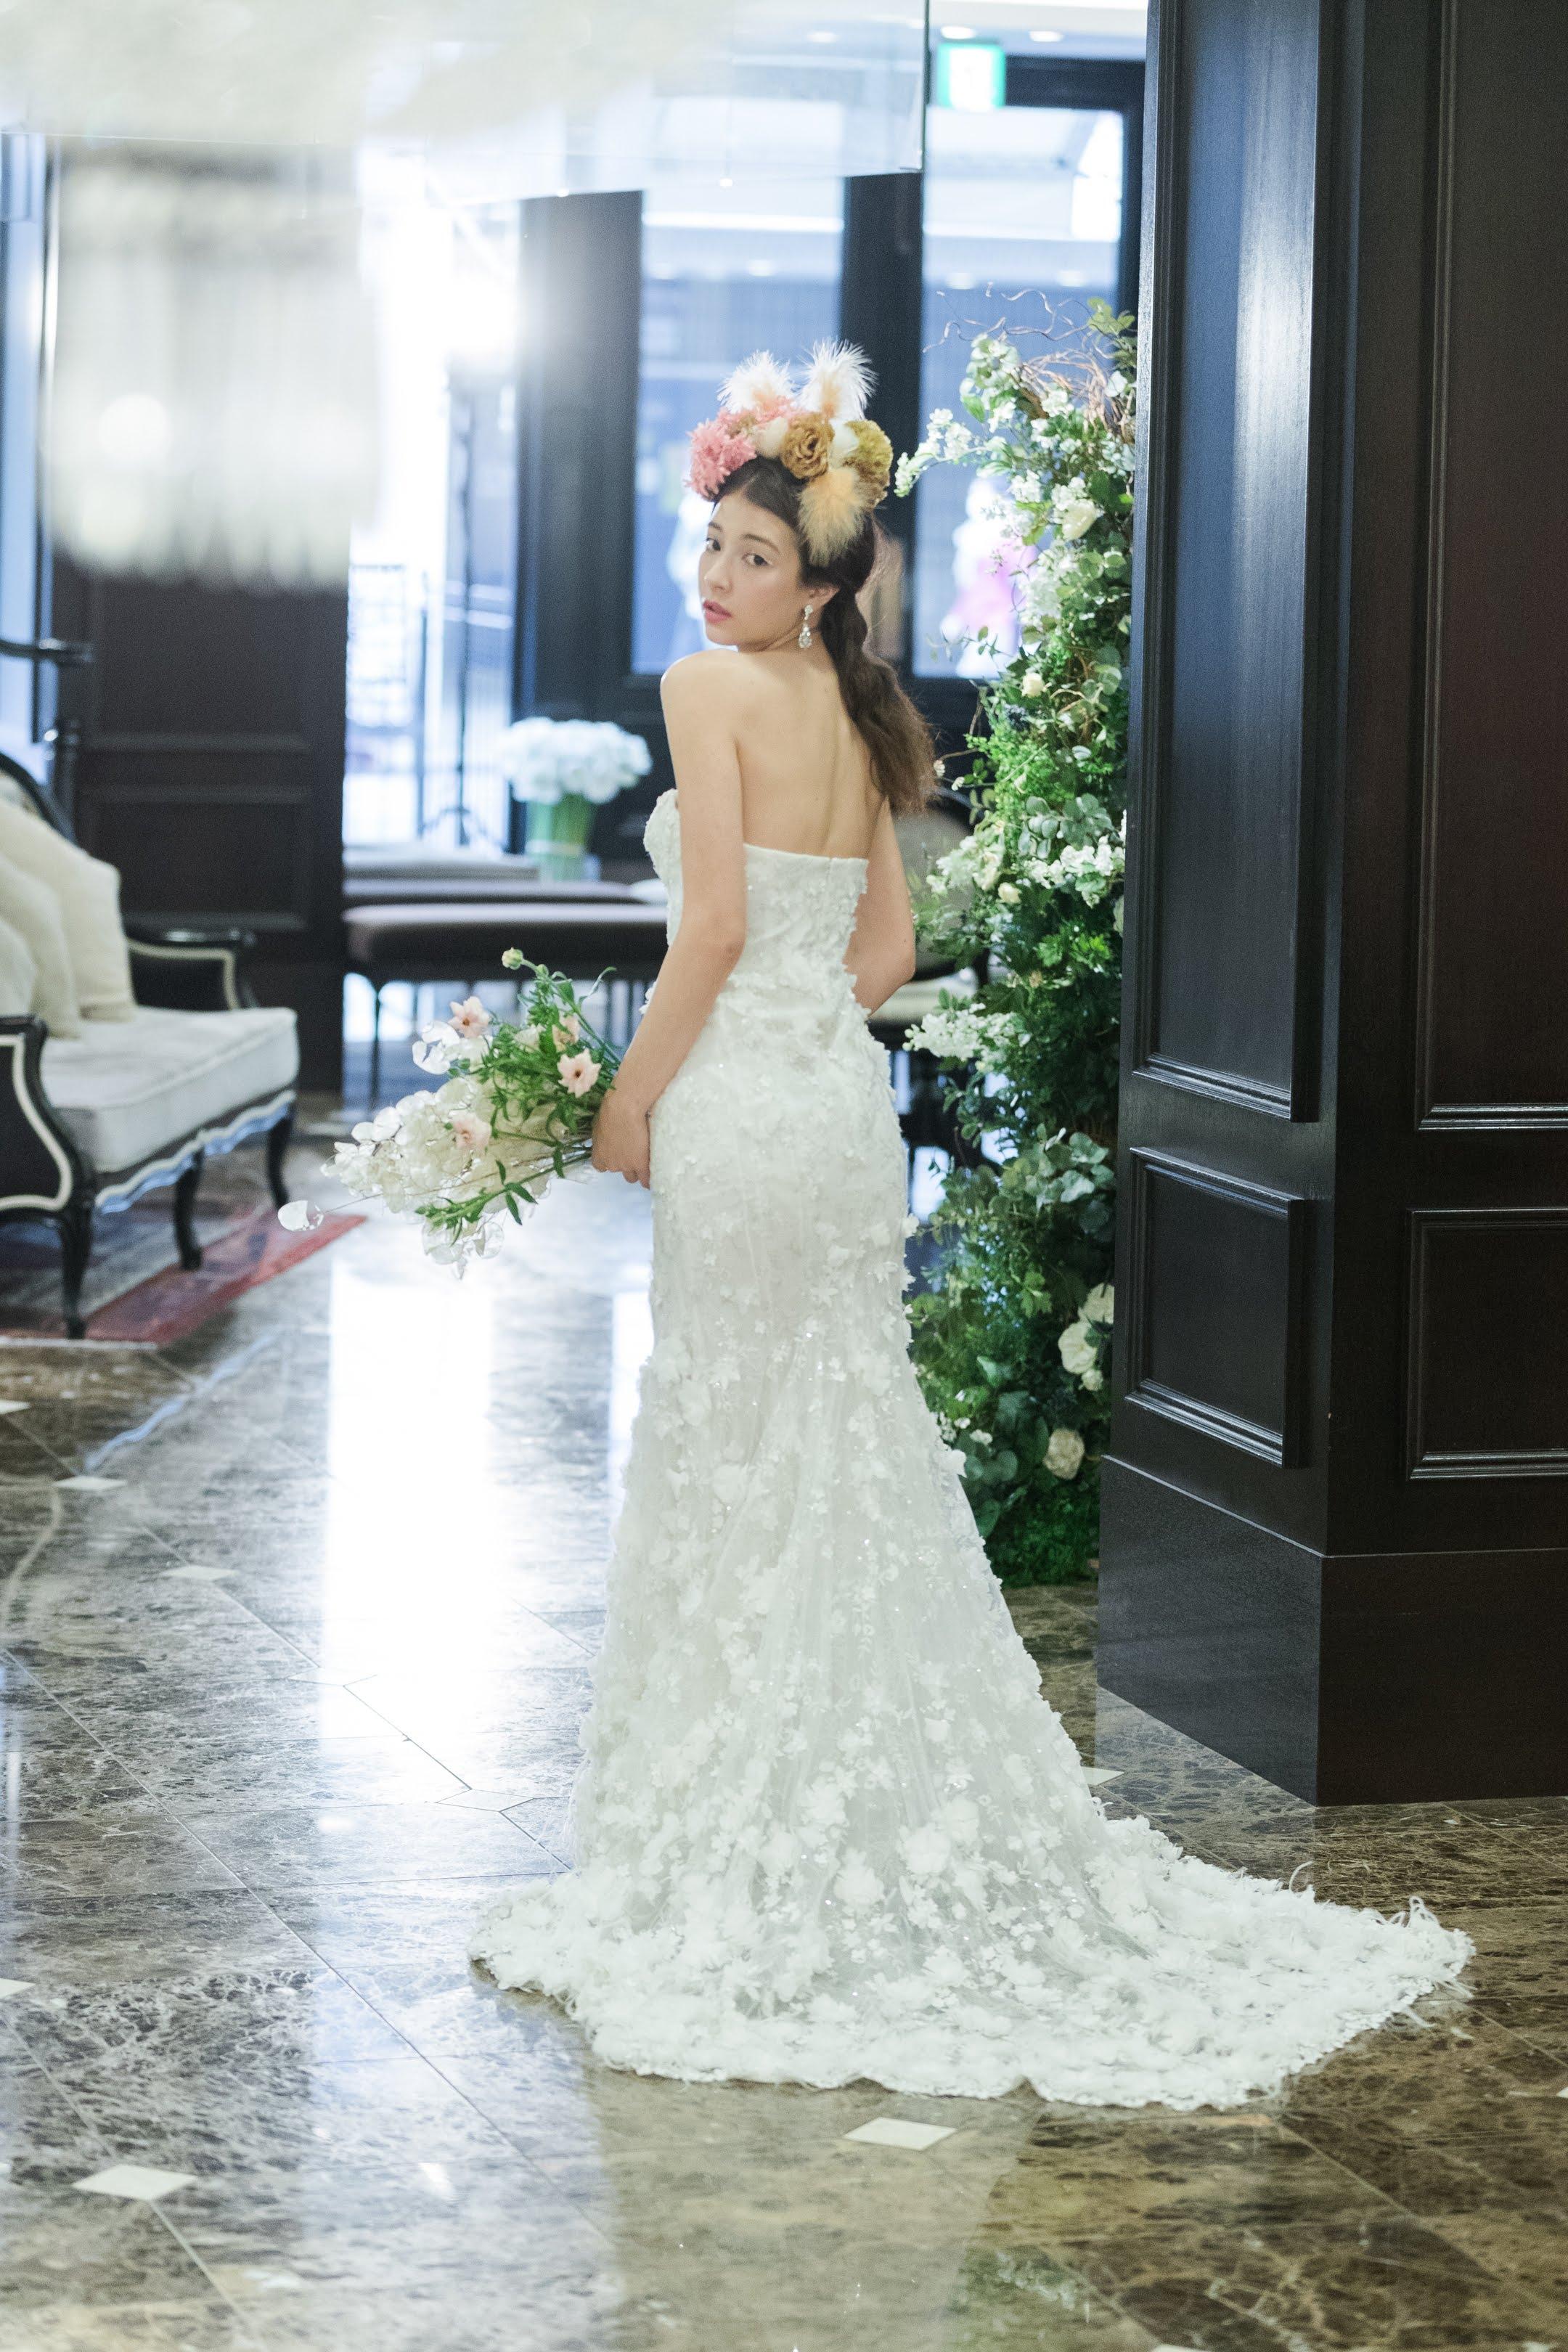 MARCHESA(マルケーザ)のウエディングドレスで叶えるロマンティックなブライズスタイル